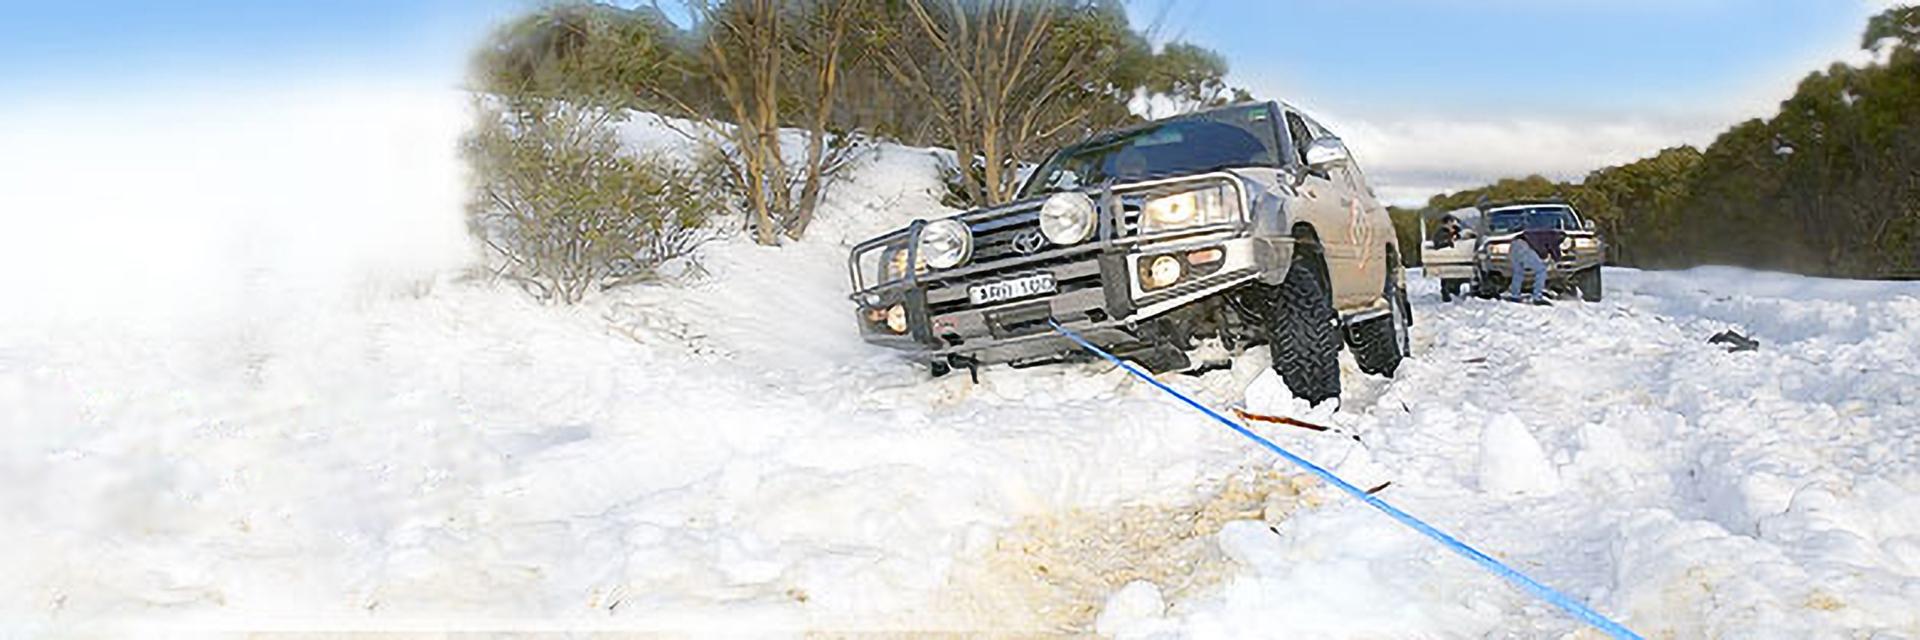 Towing a car тегленето на автомобил